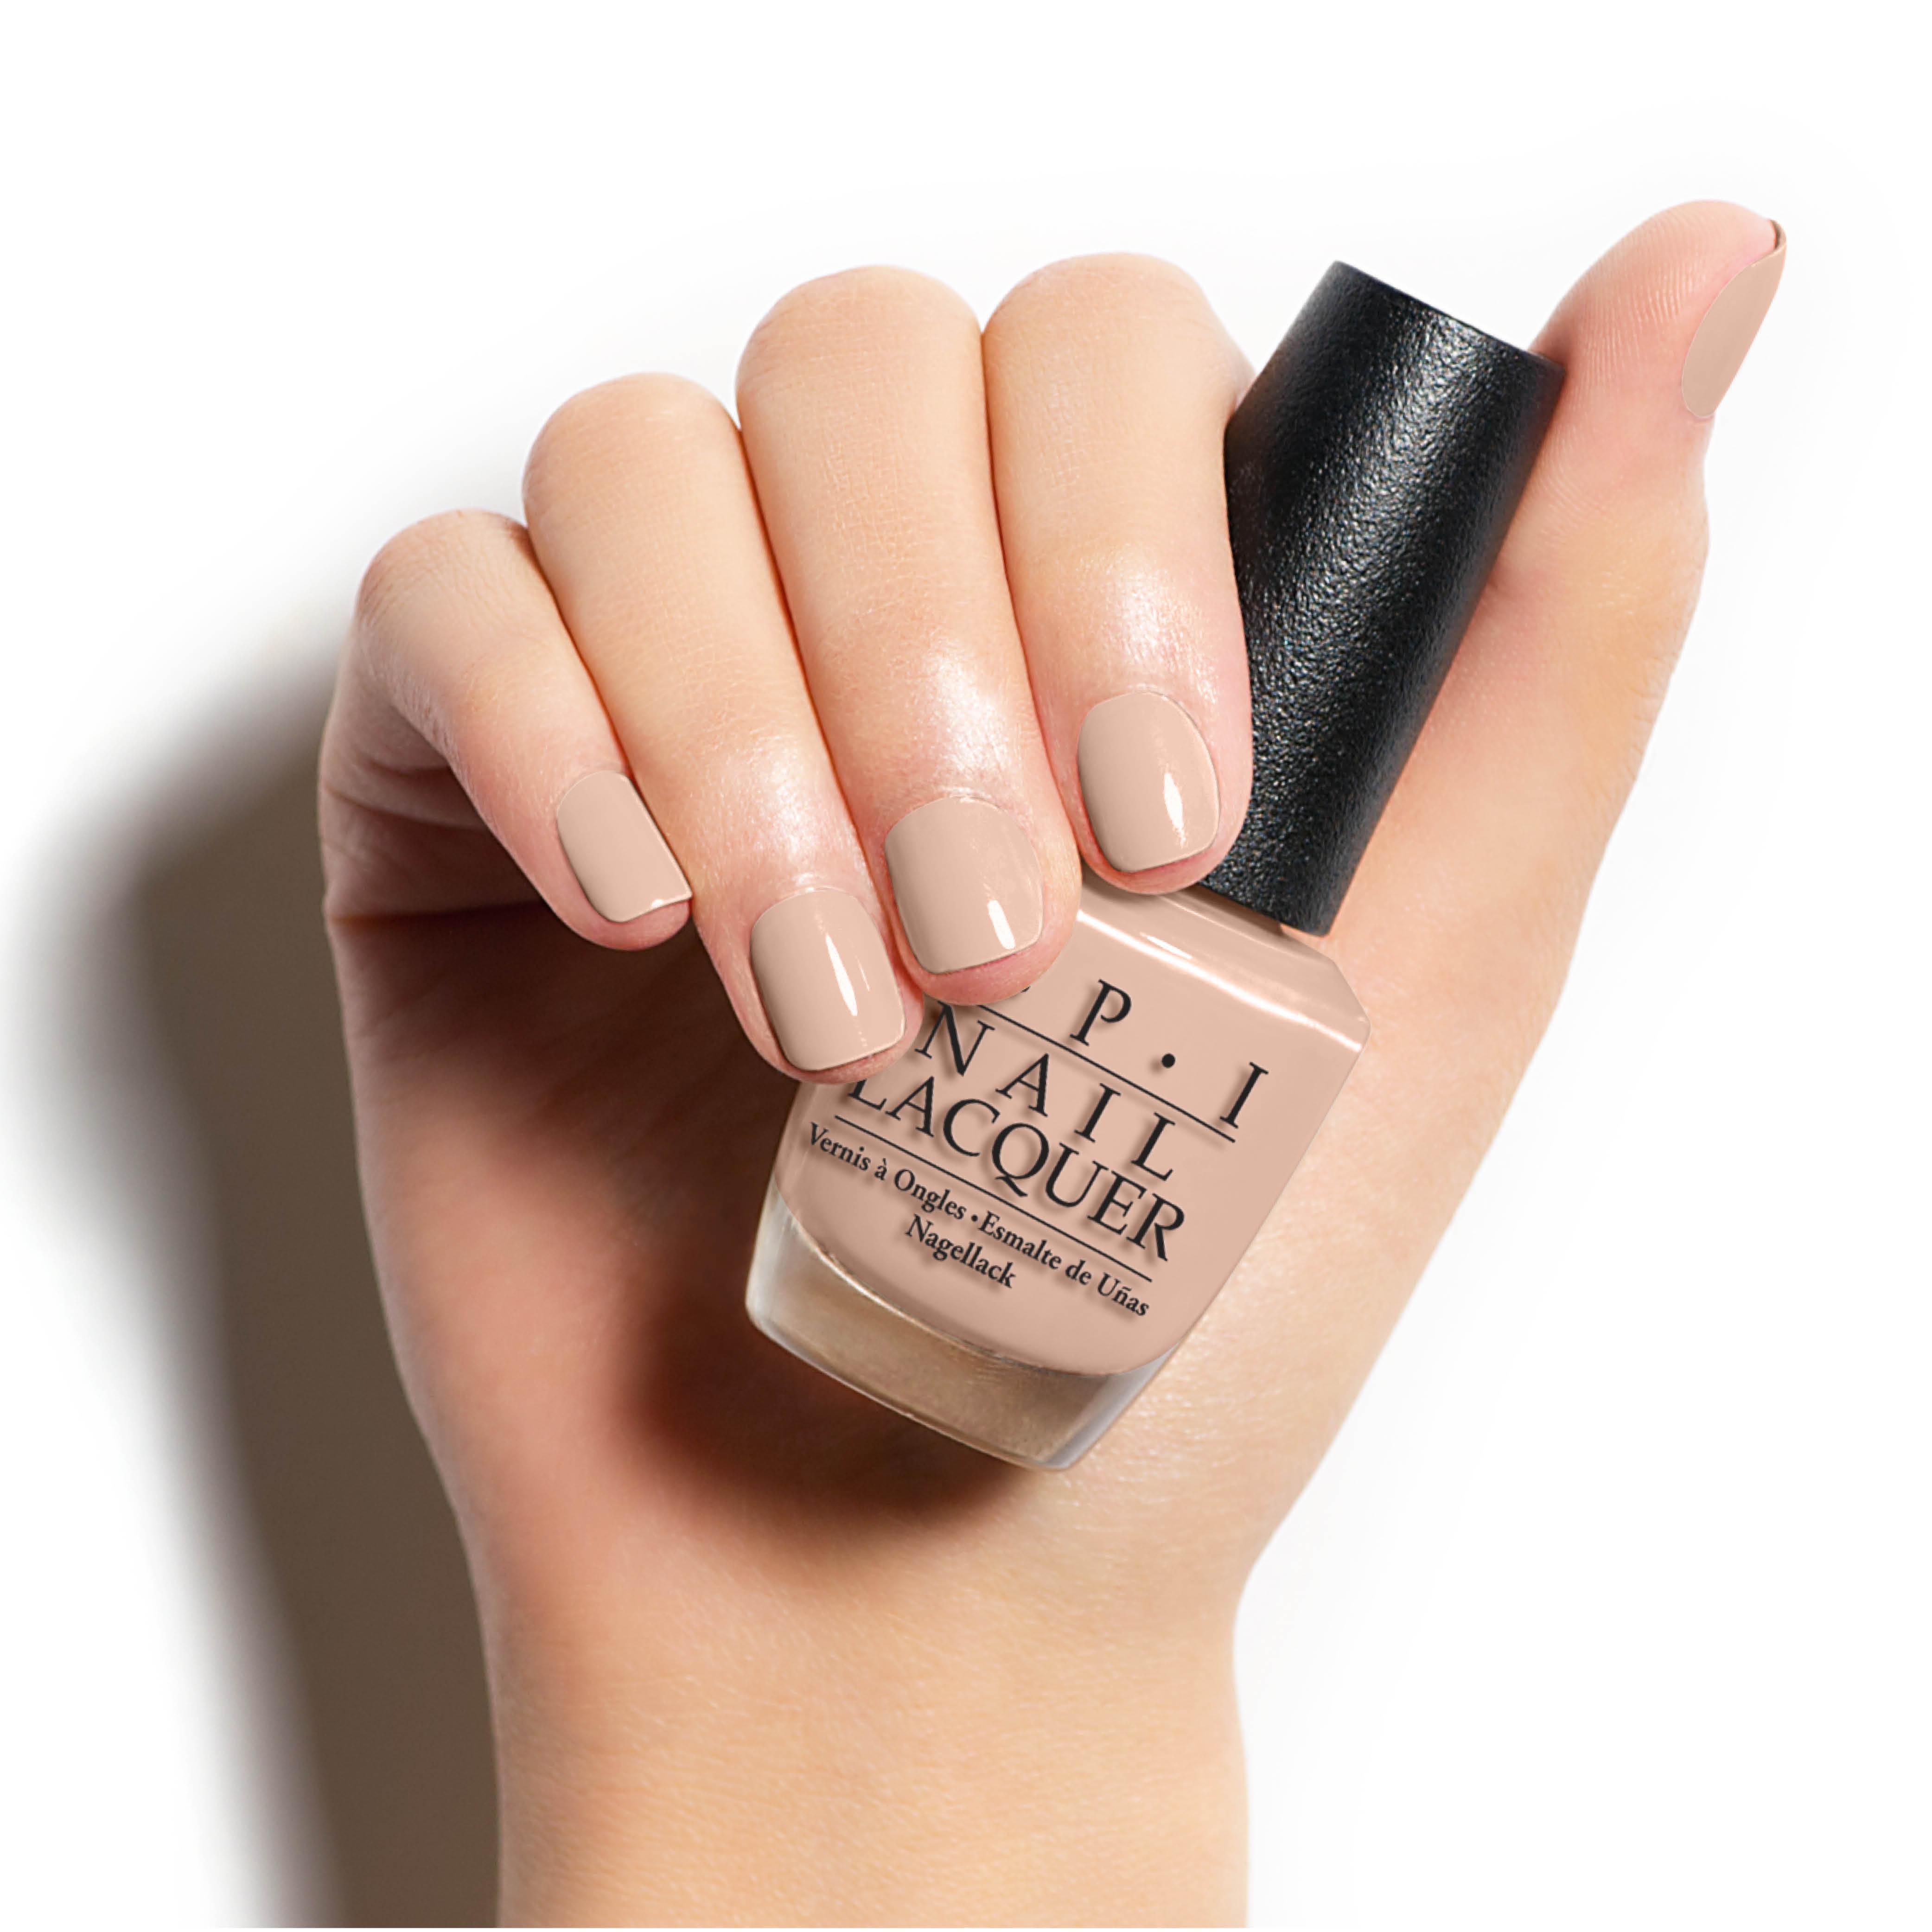 Best Nail Polish For Nail Art: Top 10 Nail Polish Brands; Best For Nail Art